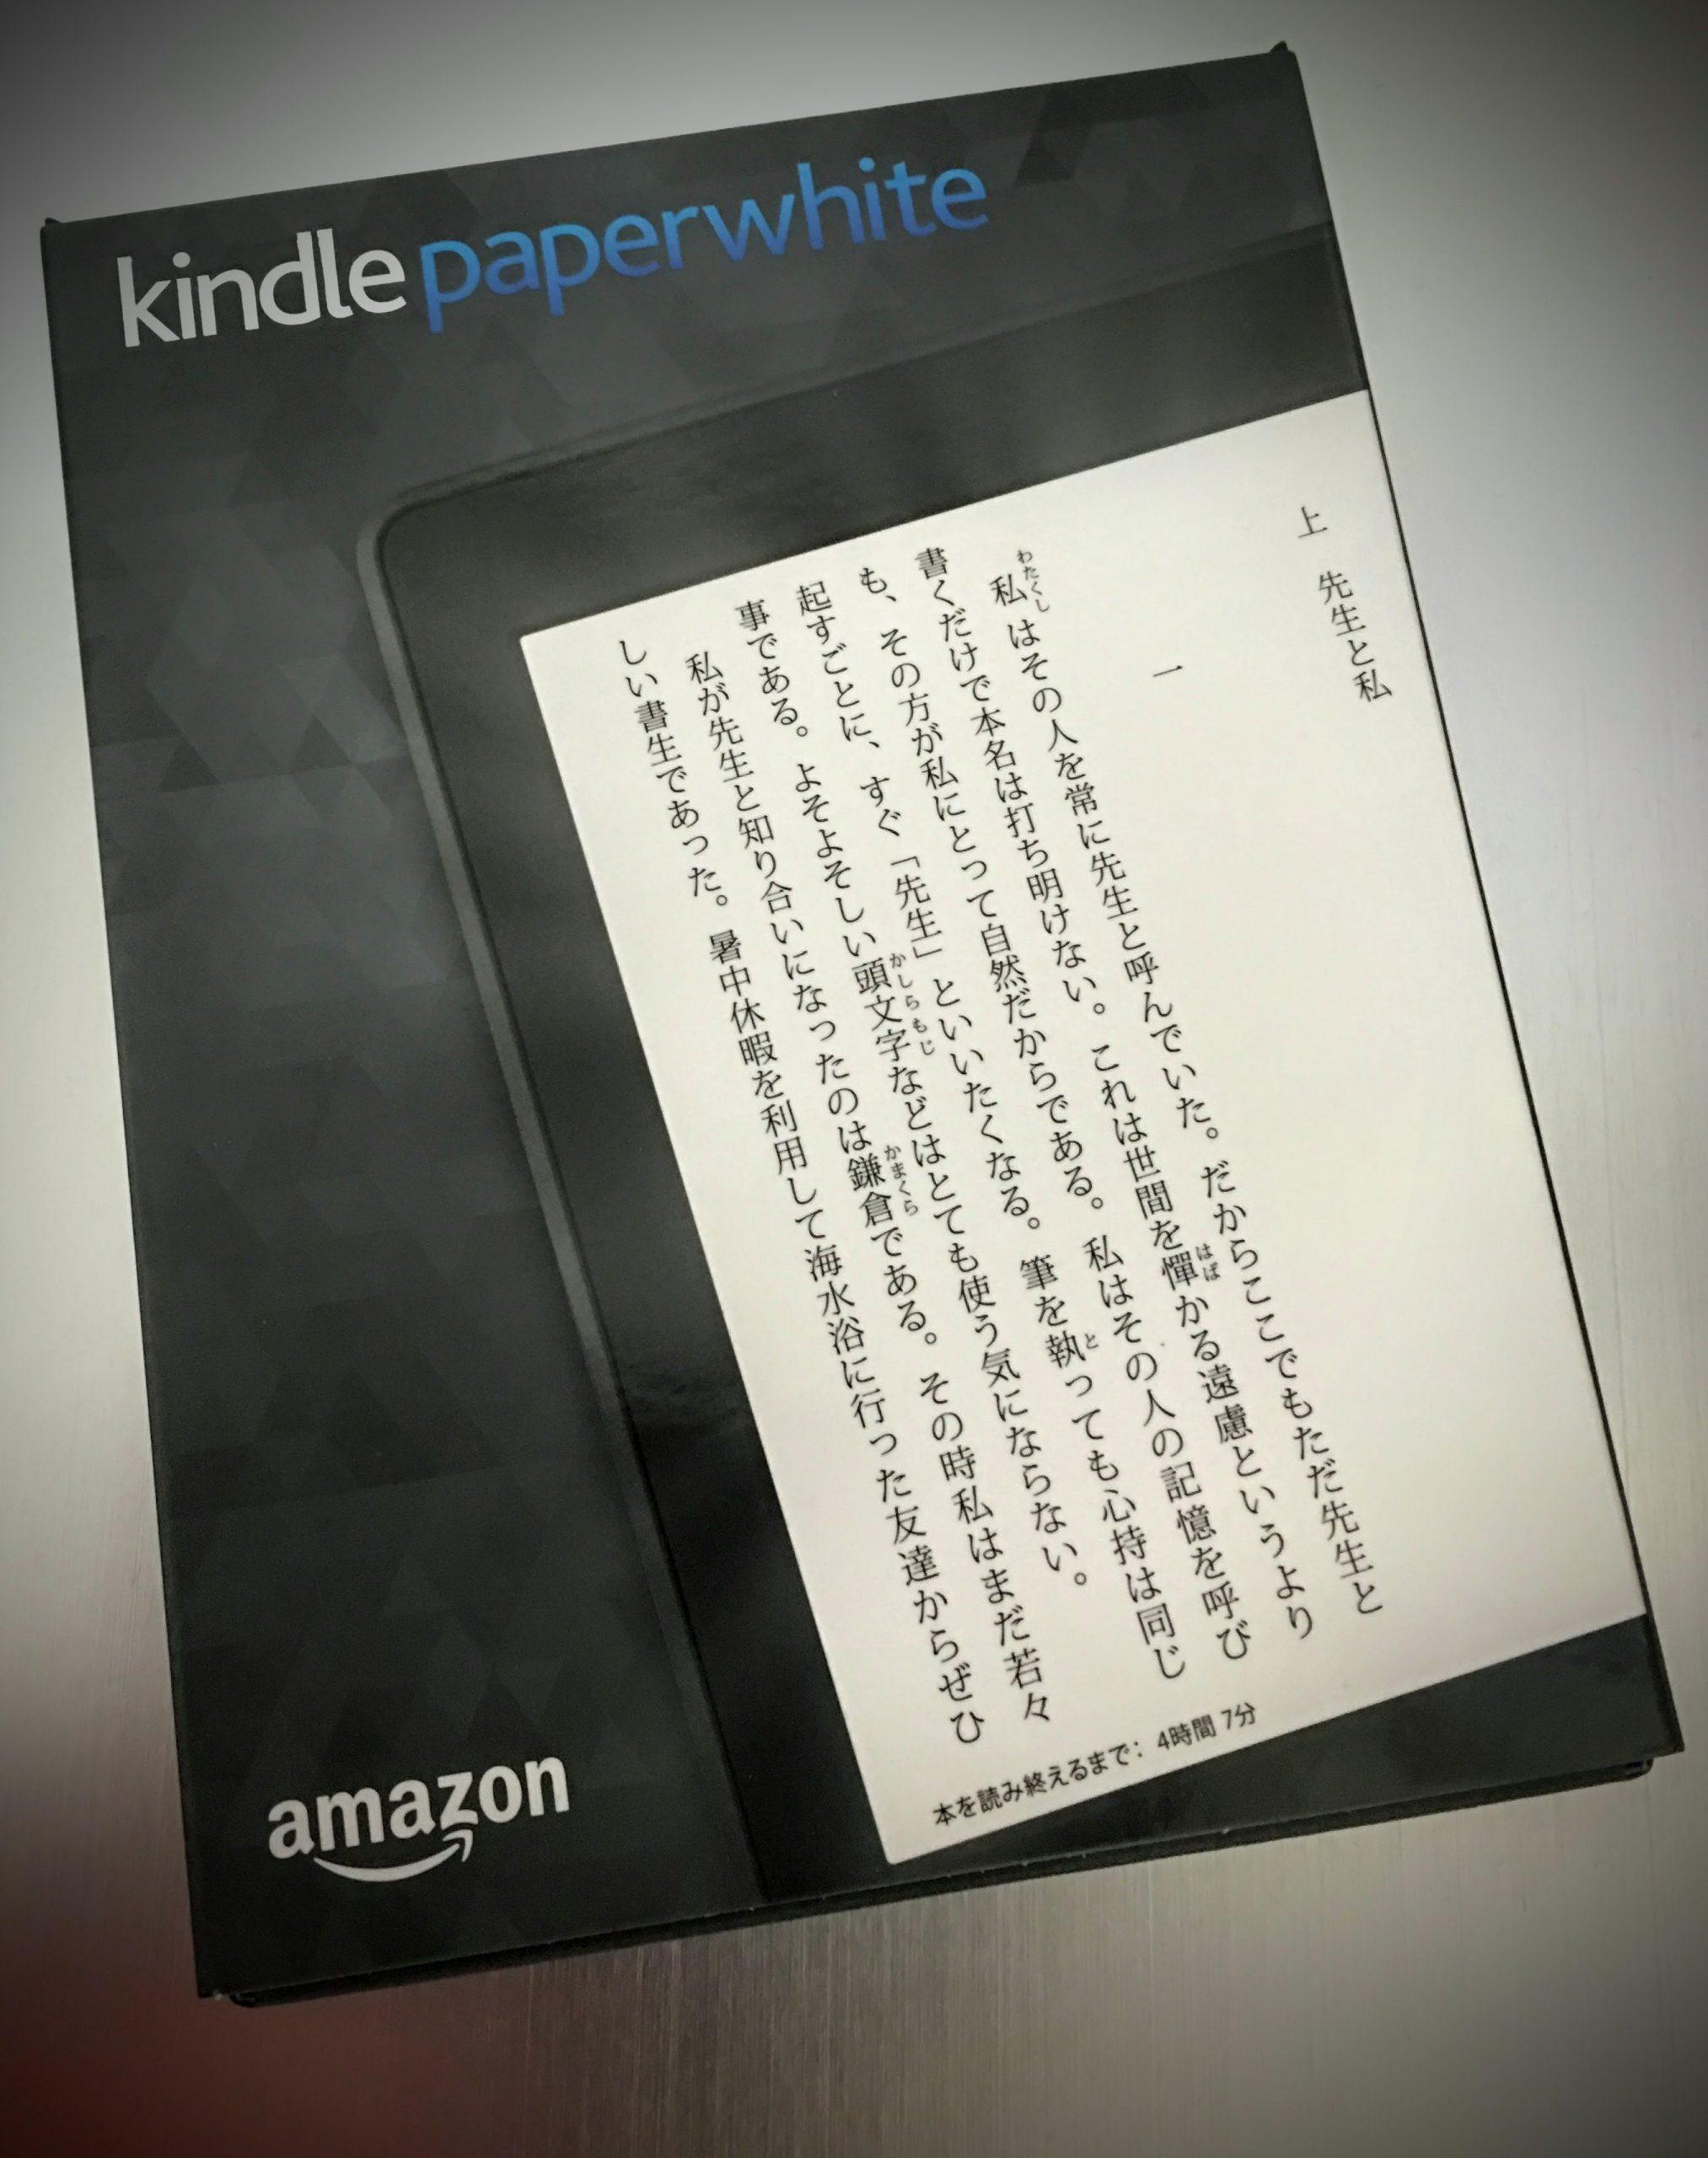 Amazon Kindleペーパーホワイト(2015:第7世代)を購入しました♪開封&簡単にレビュー!